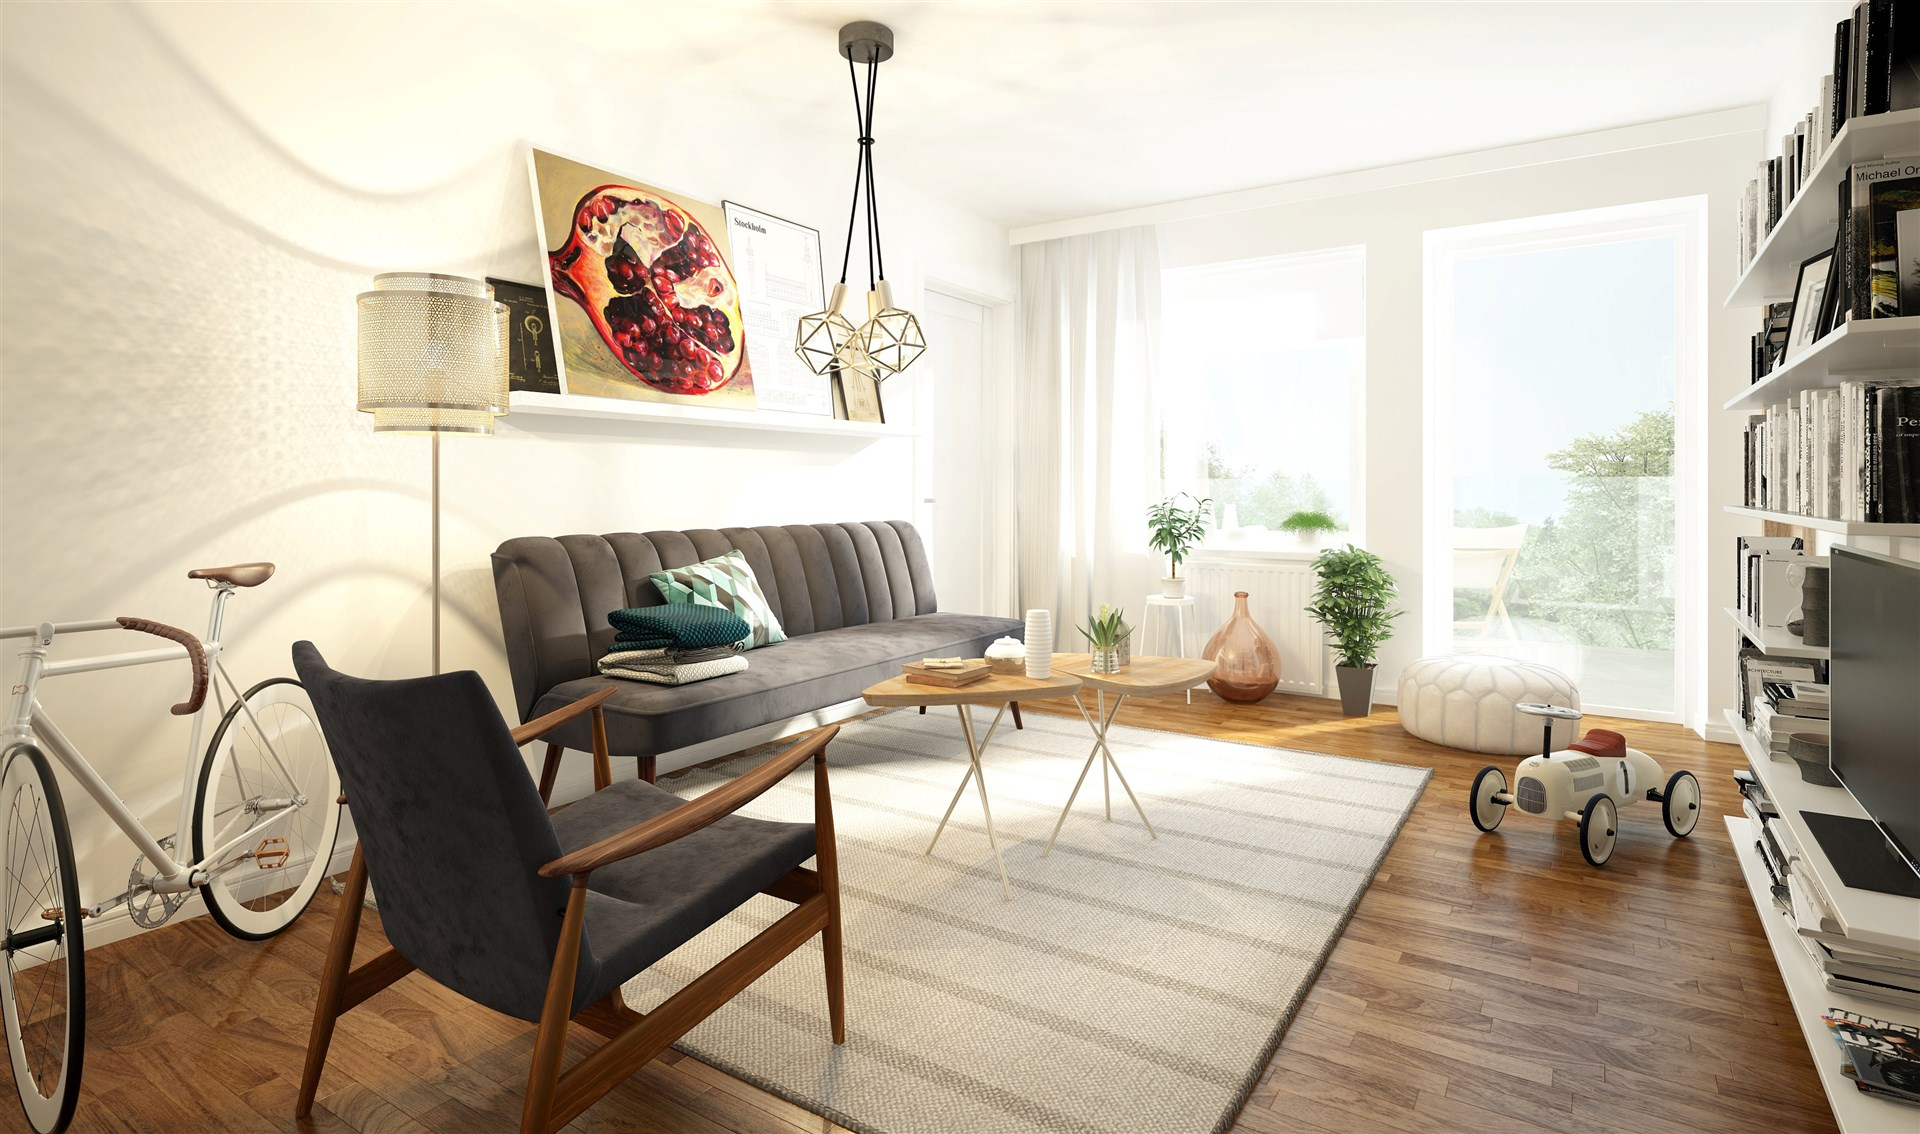 Inspirationsbild för projektet (ej av den aktuella lägenheten)